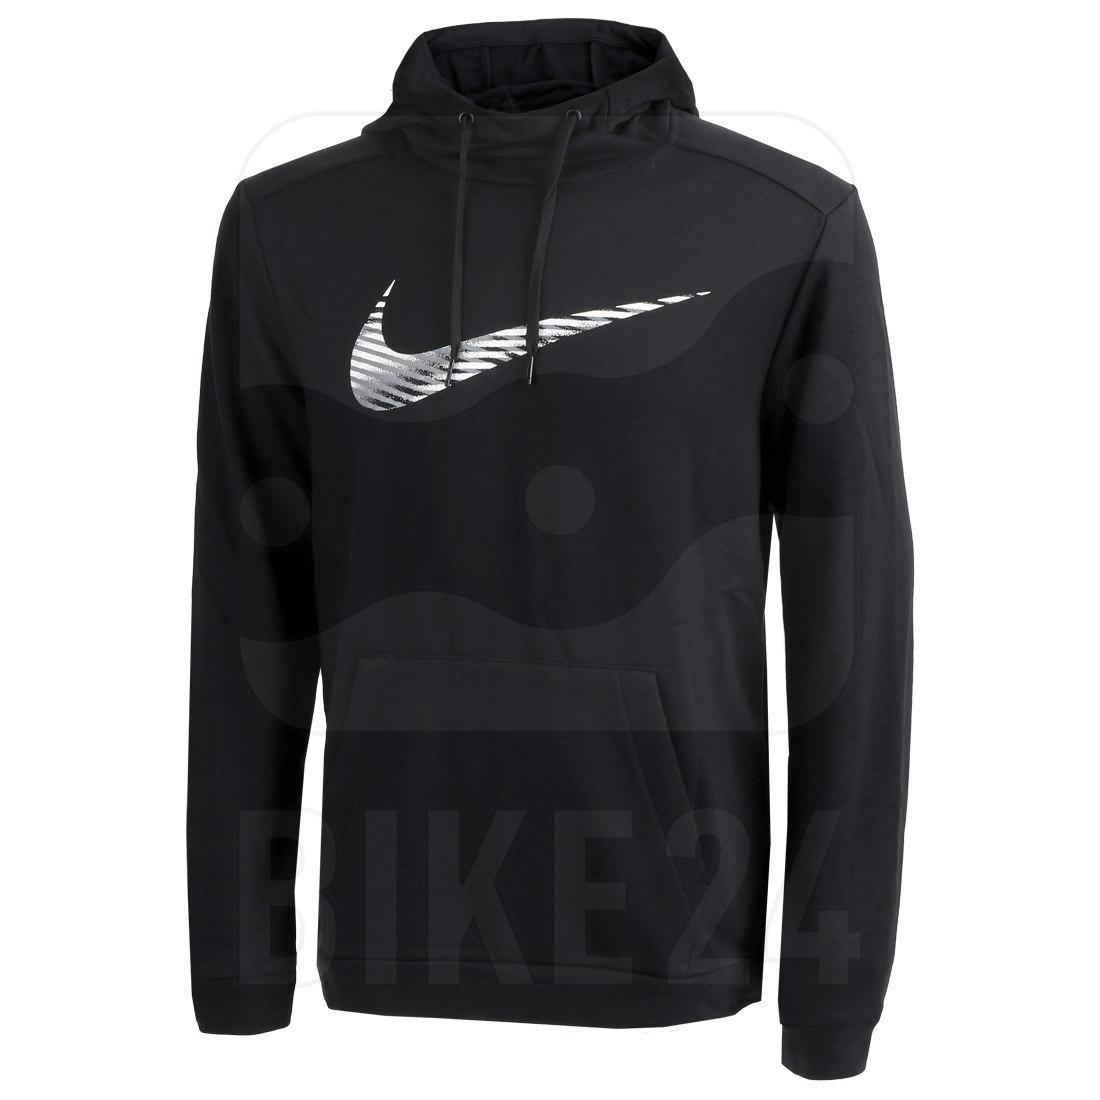 Foto de Nike Dri-FIT Sudadera con capucha de entrenamiento para hombre - black CJ4268-010